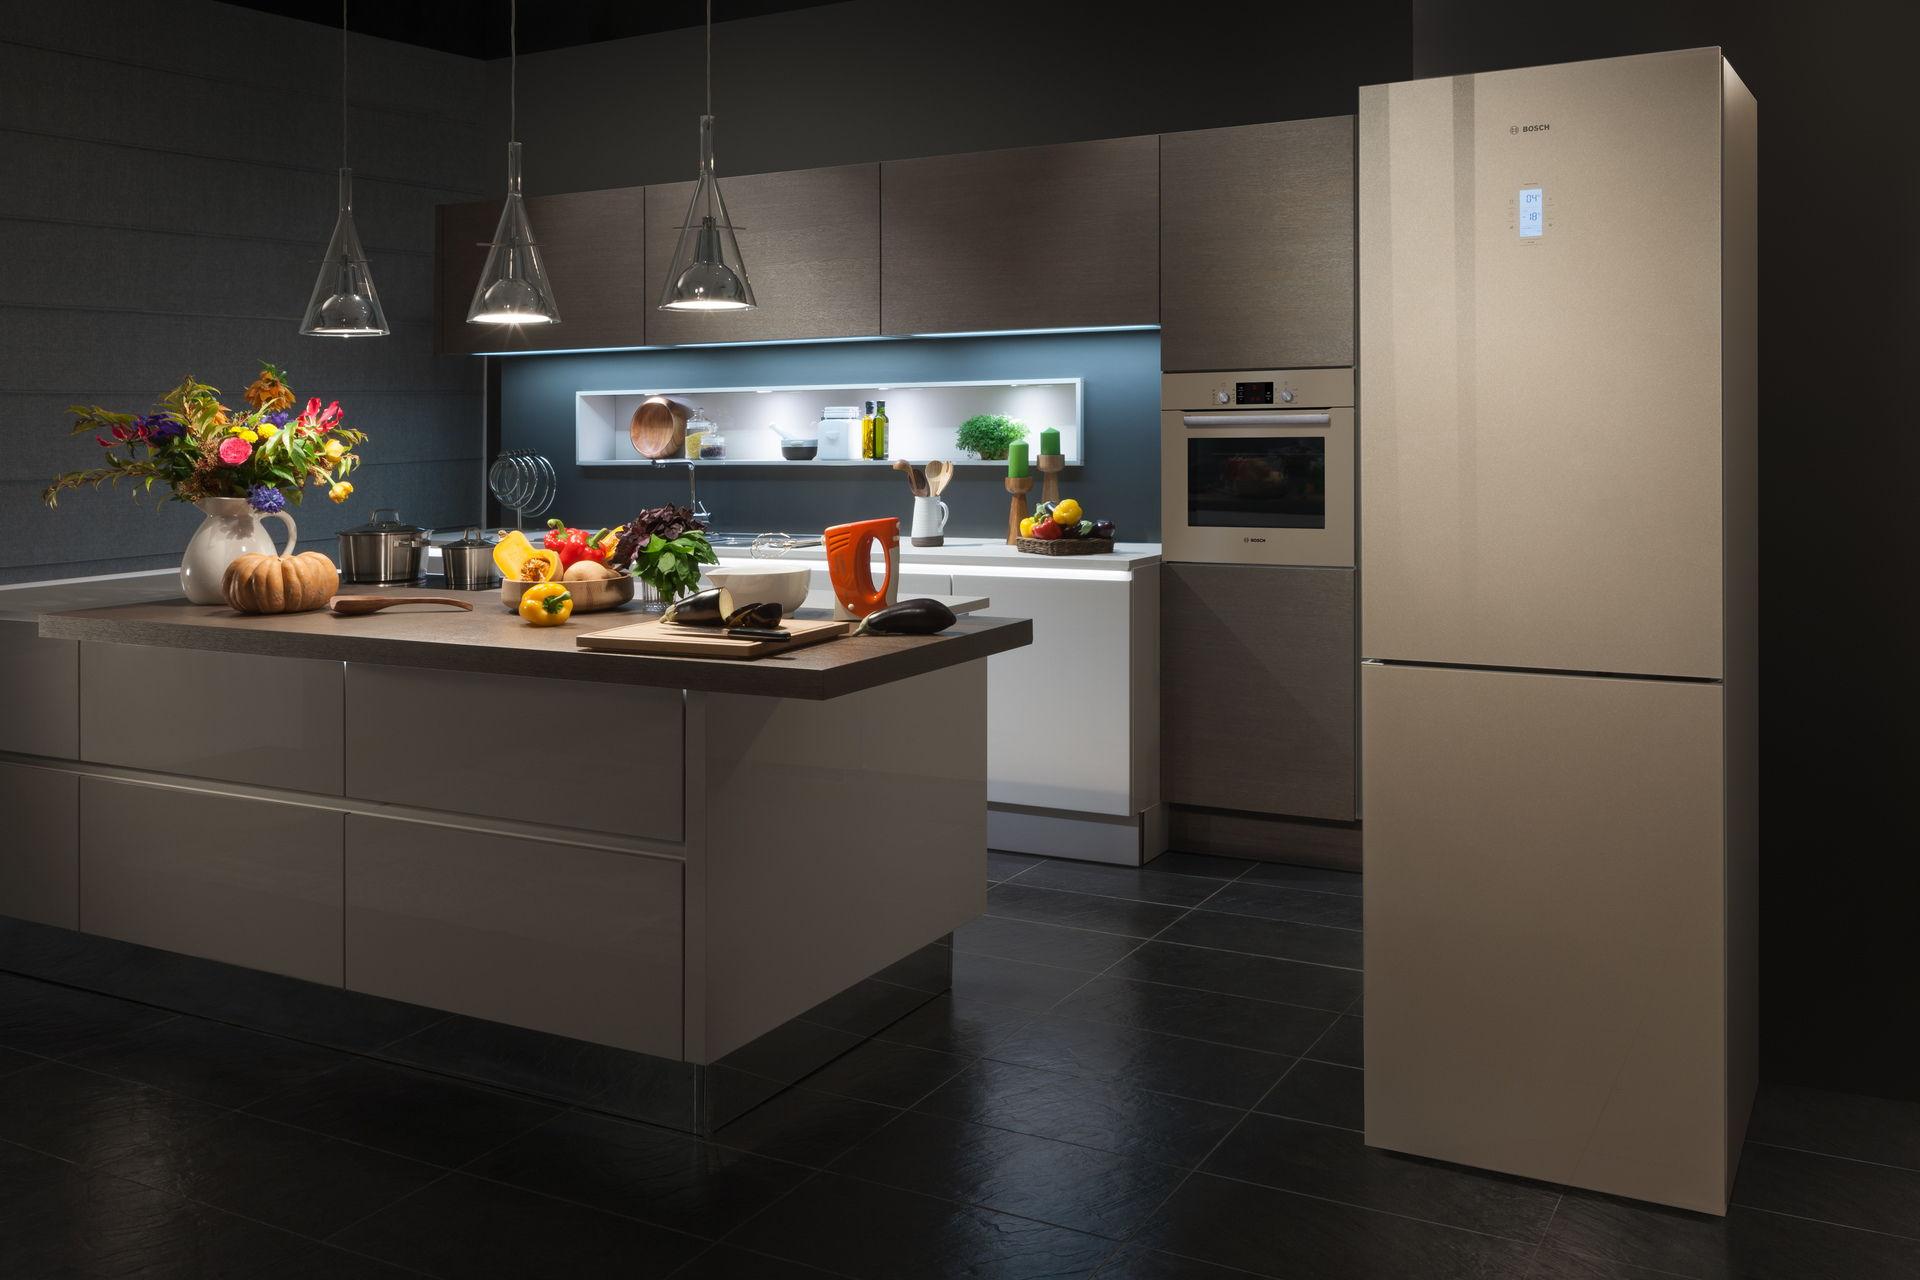 Современный интерьер кухни с холодильником